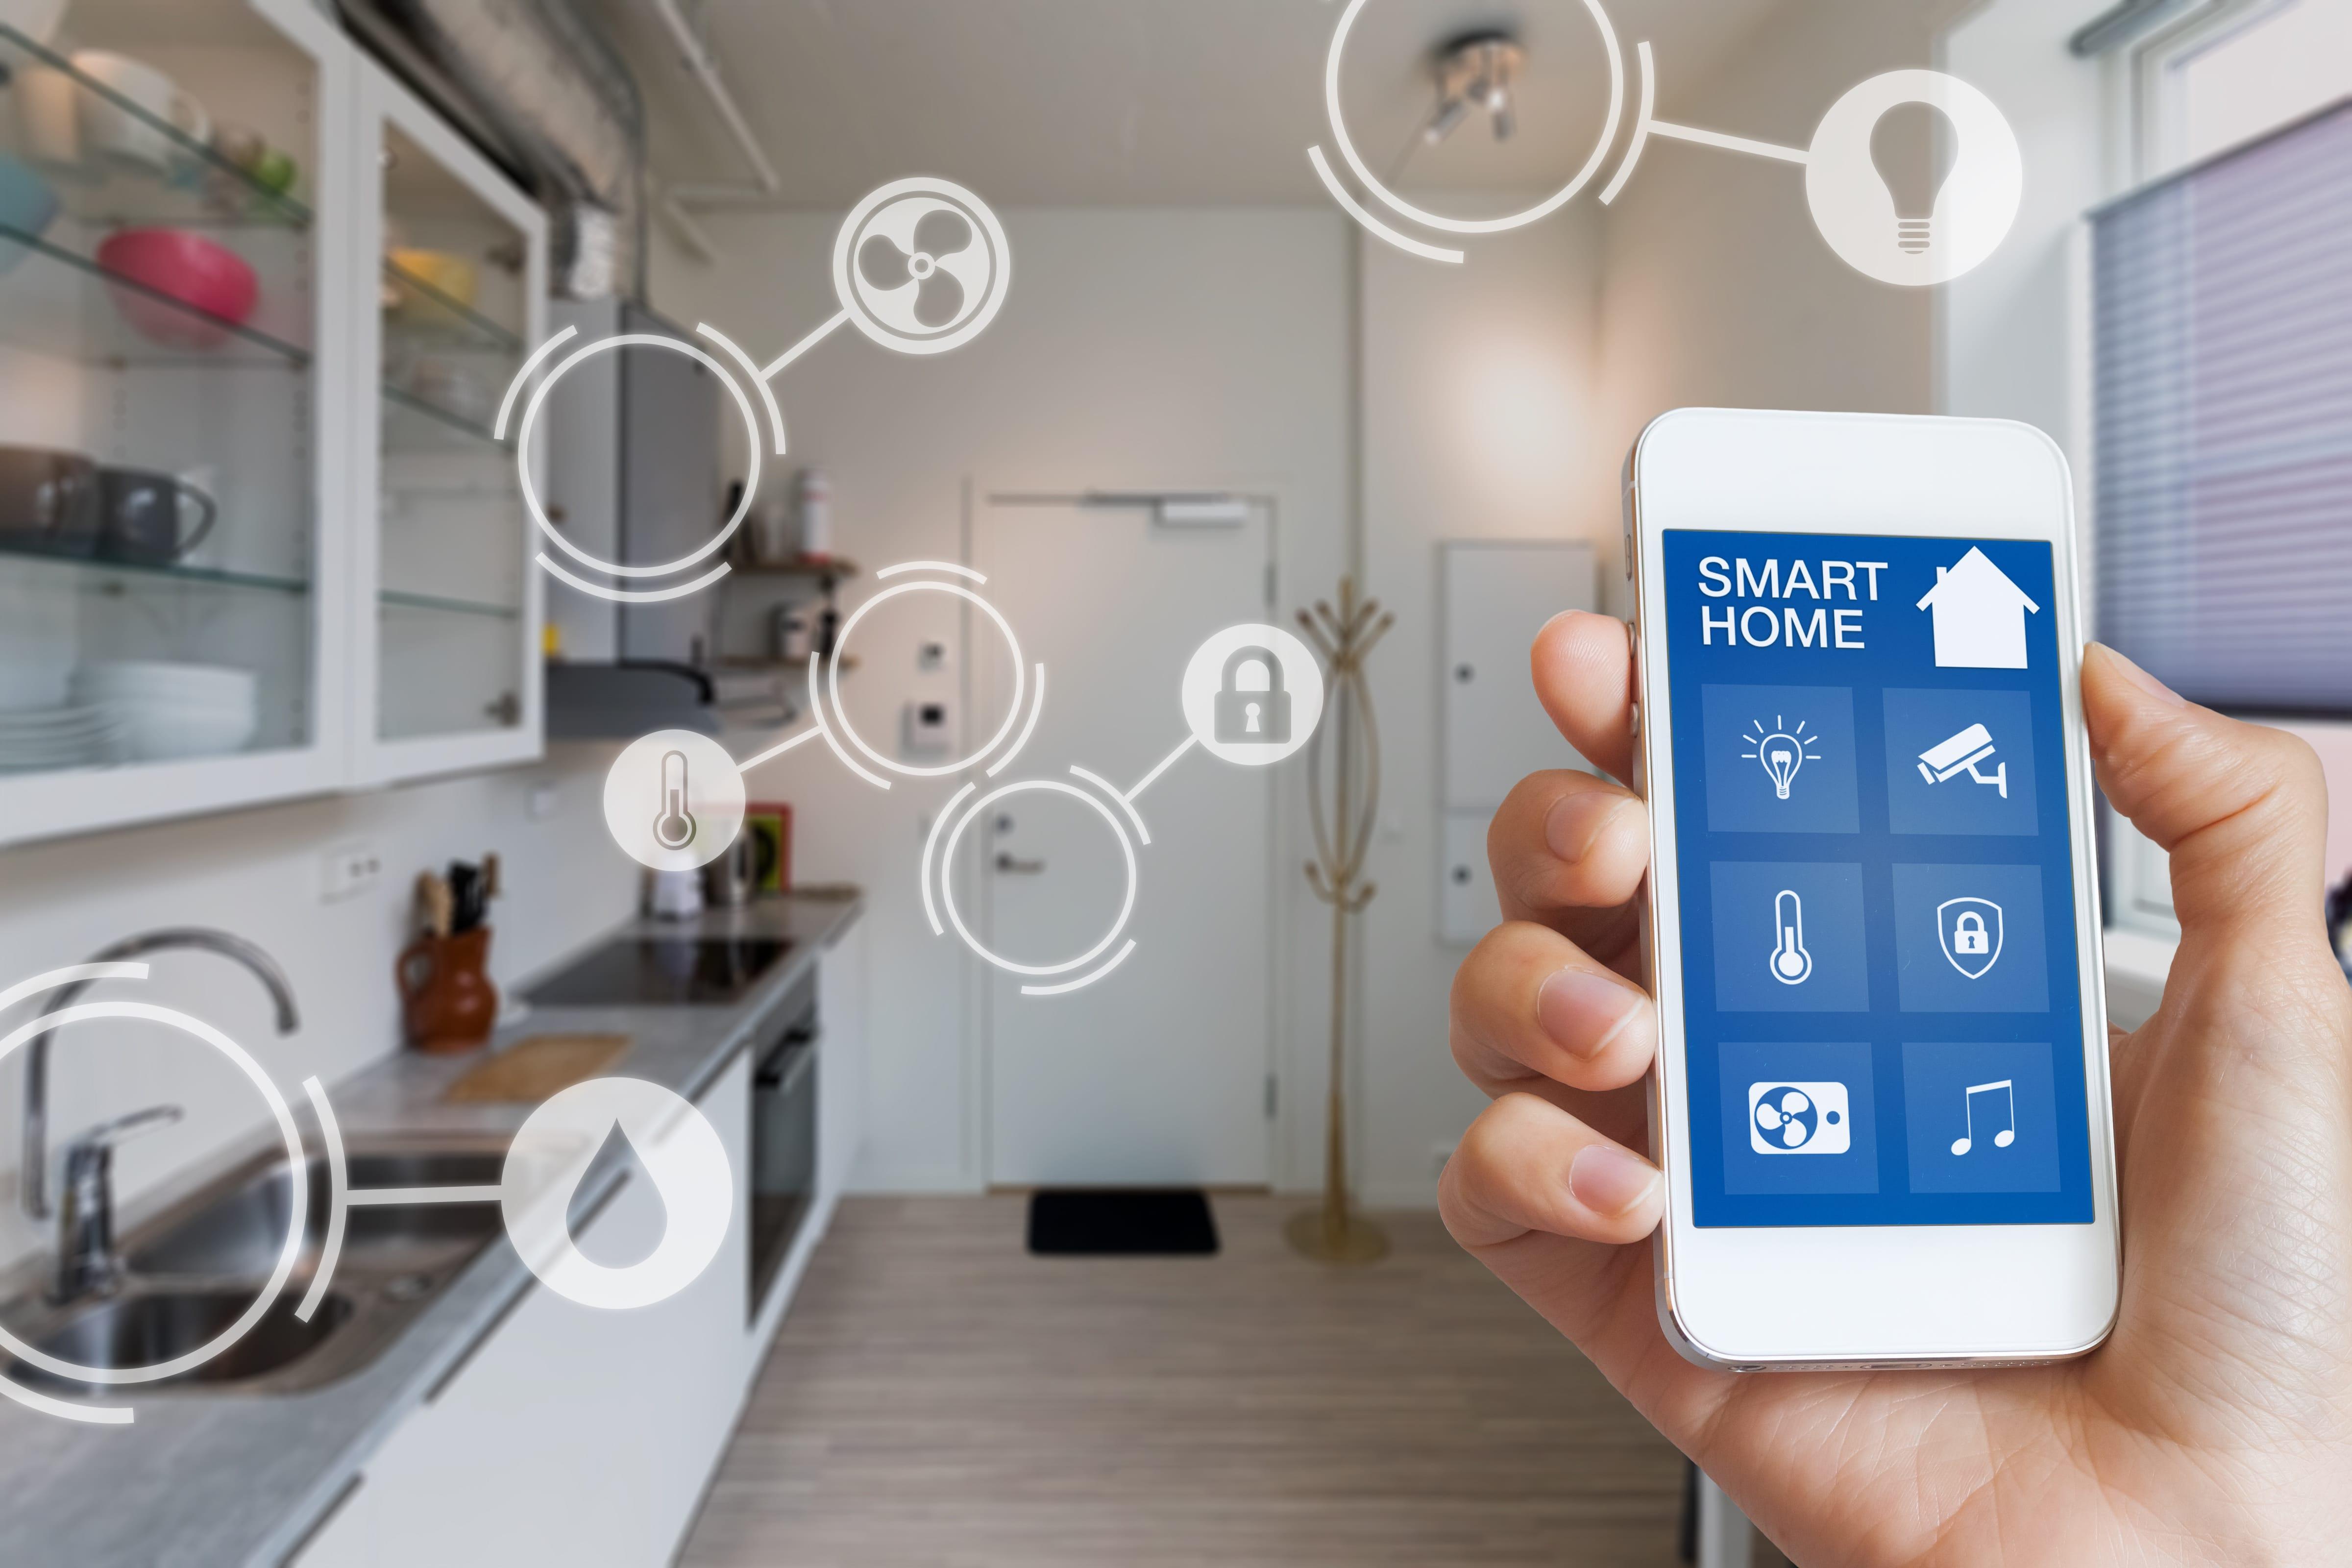 スマートフォンで家電を操作するイメージ